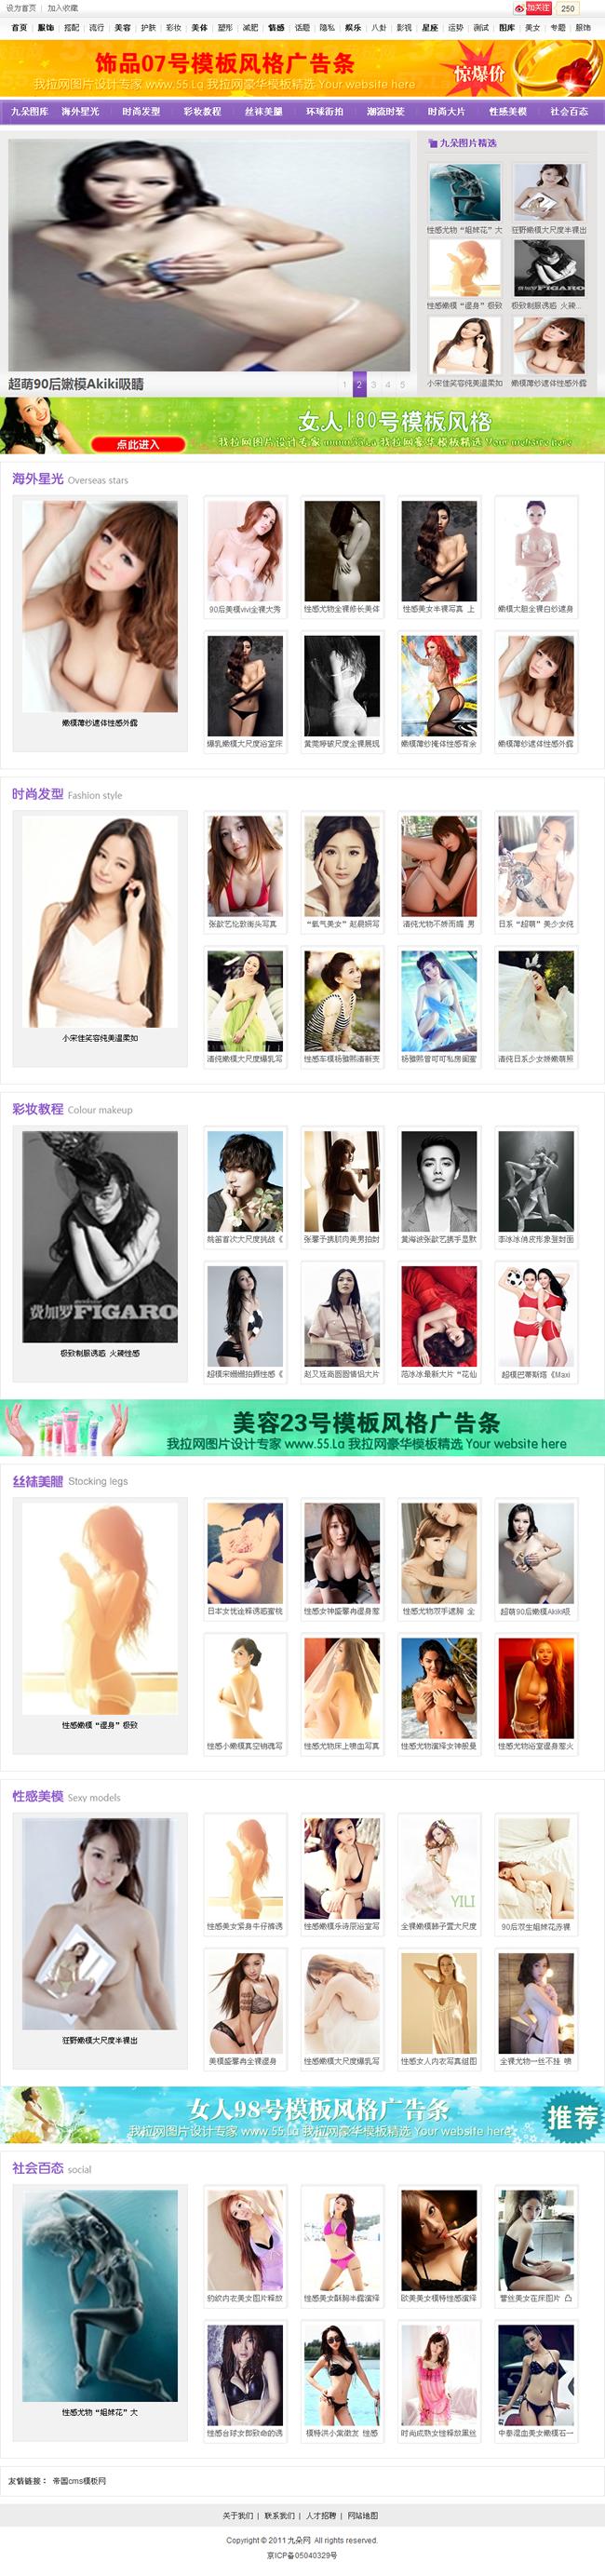 帝国cms大型女性女人门户网站程序源码模板_图片频道页